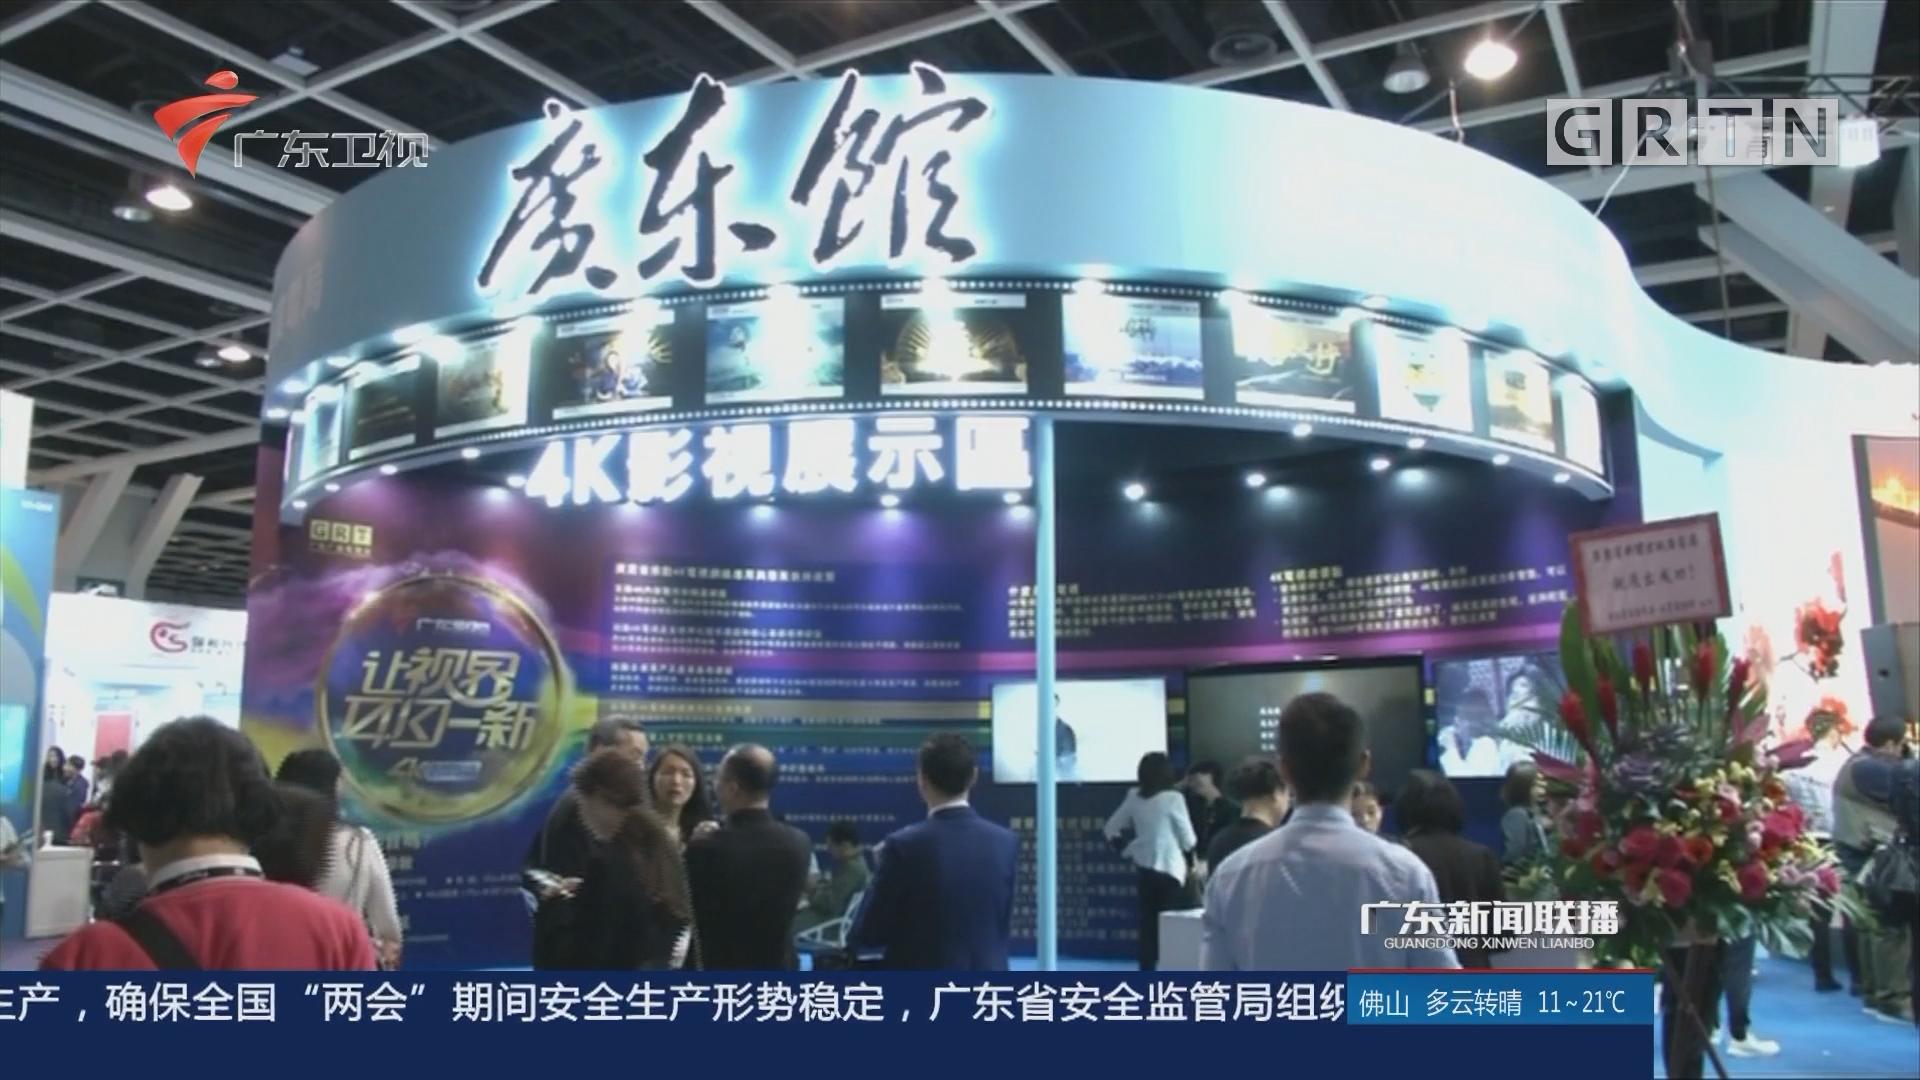 广东馆亮相香港国际影视展 4K超高清影视唱主角